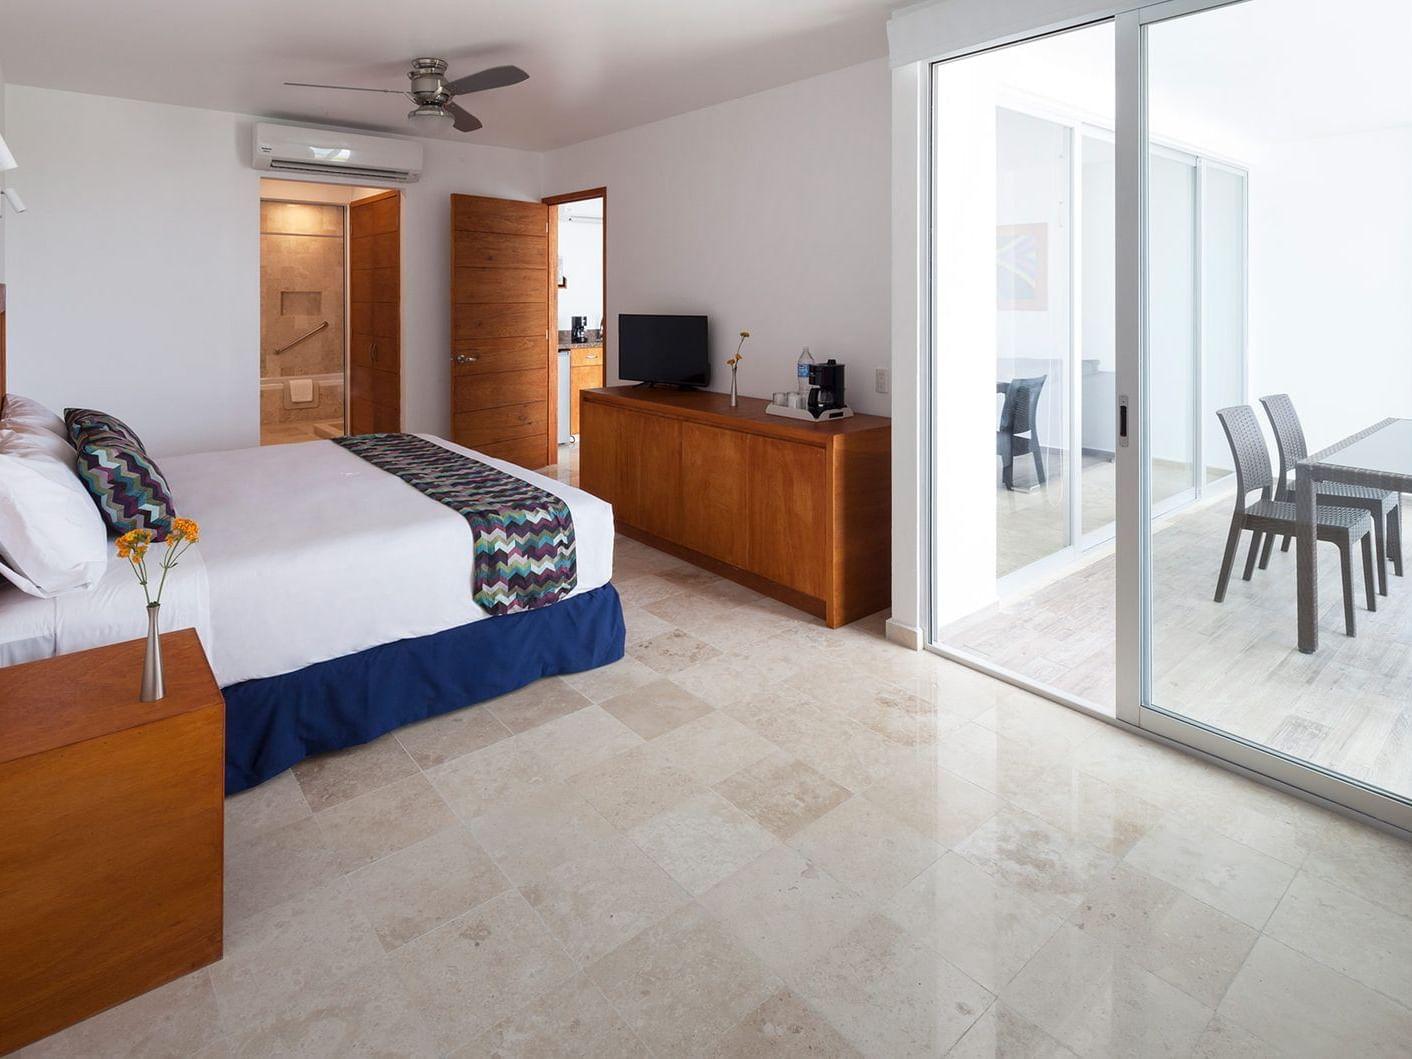 Deluxe Suite at Hotel Villa Varadero